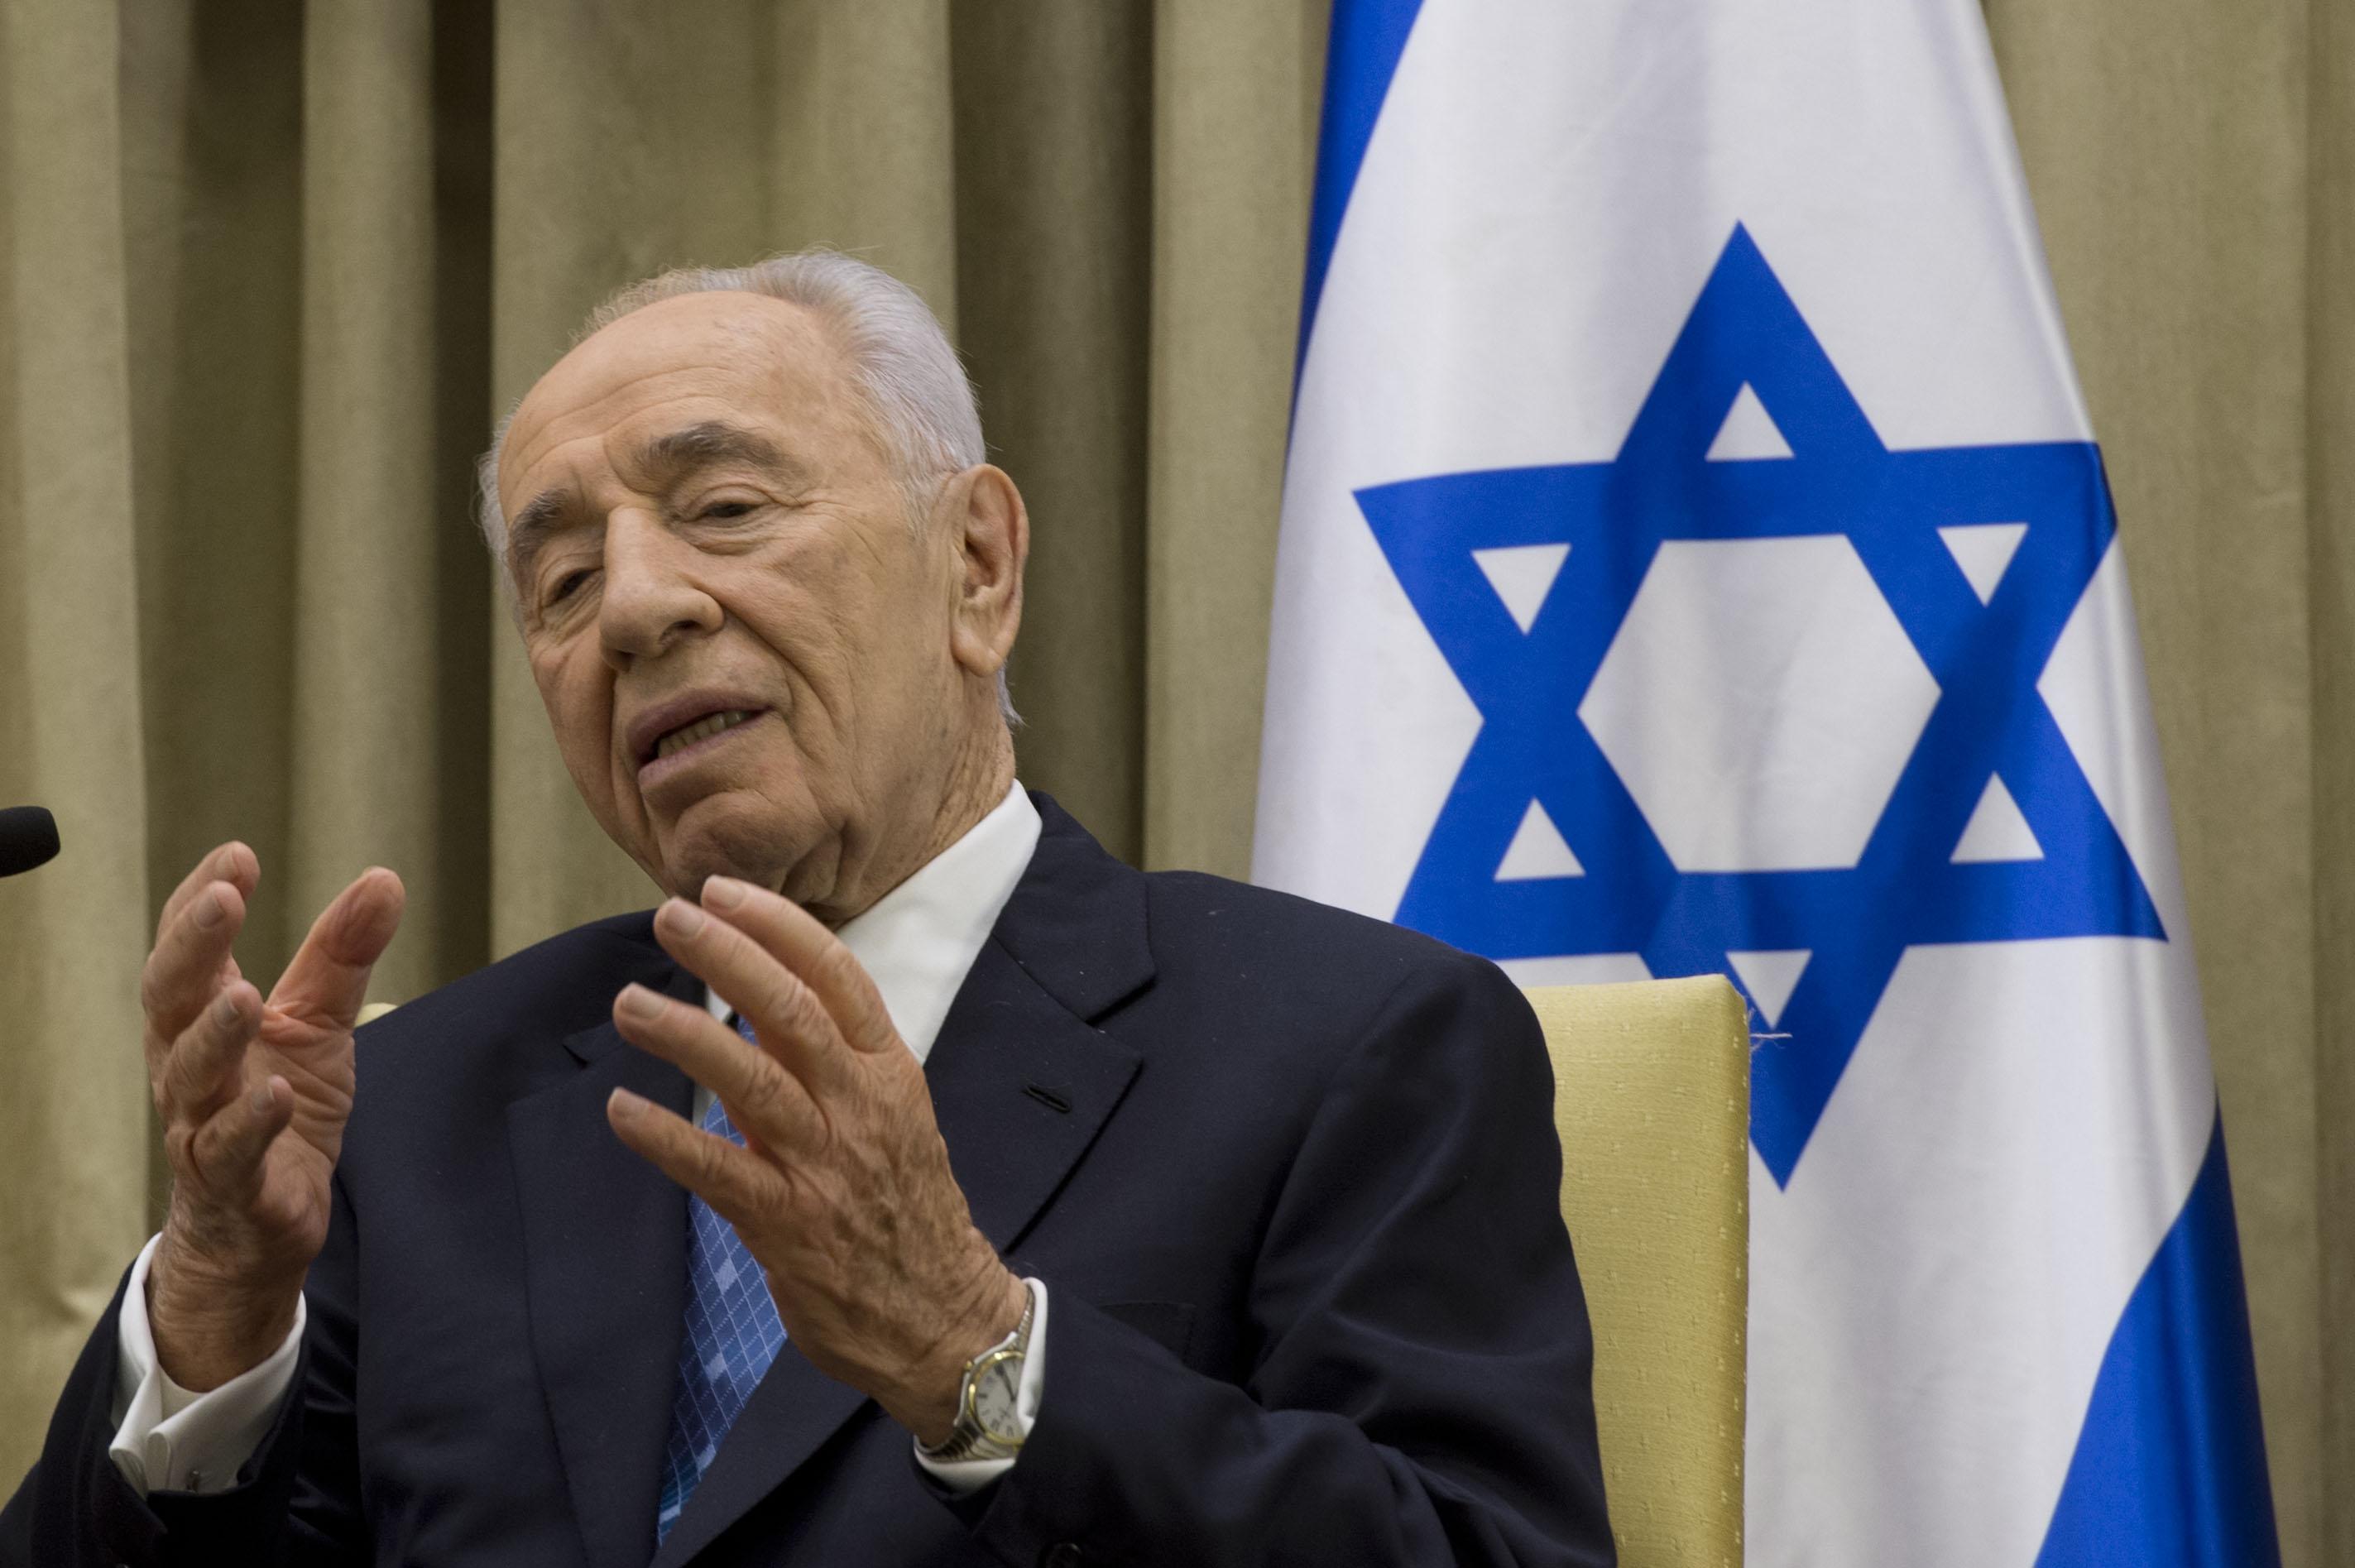 La falla de Shimon Peres – Por Beatriz W. de Rittigstein